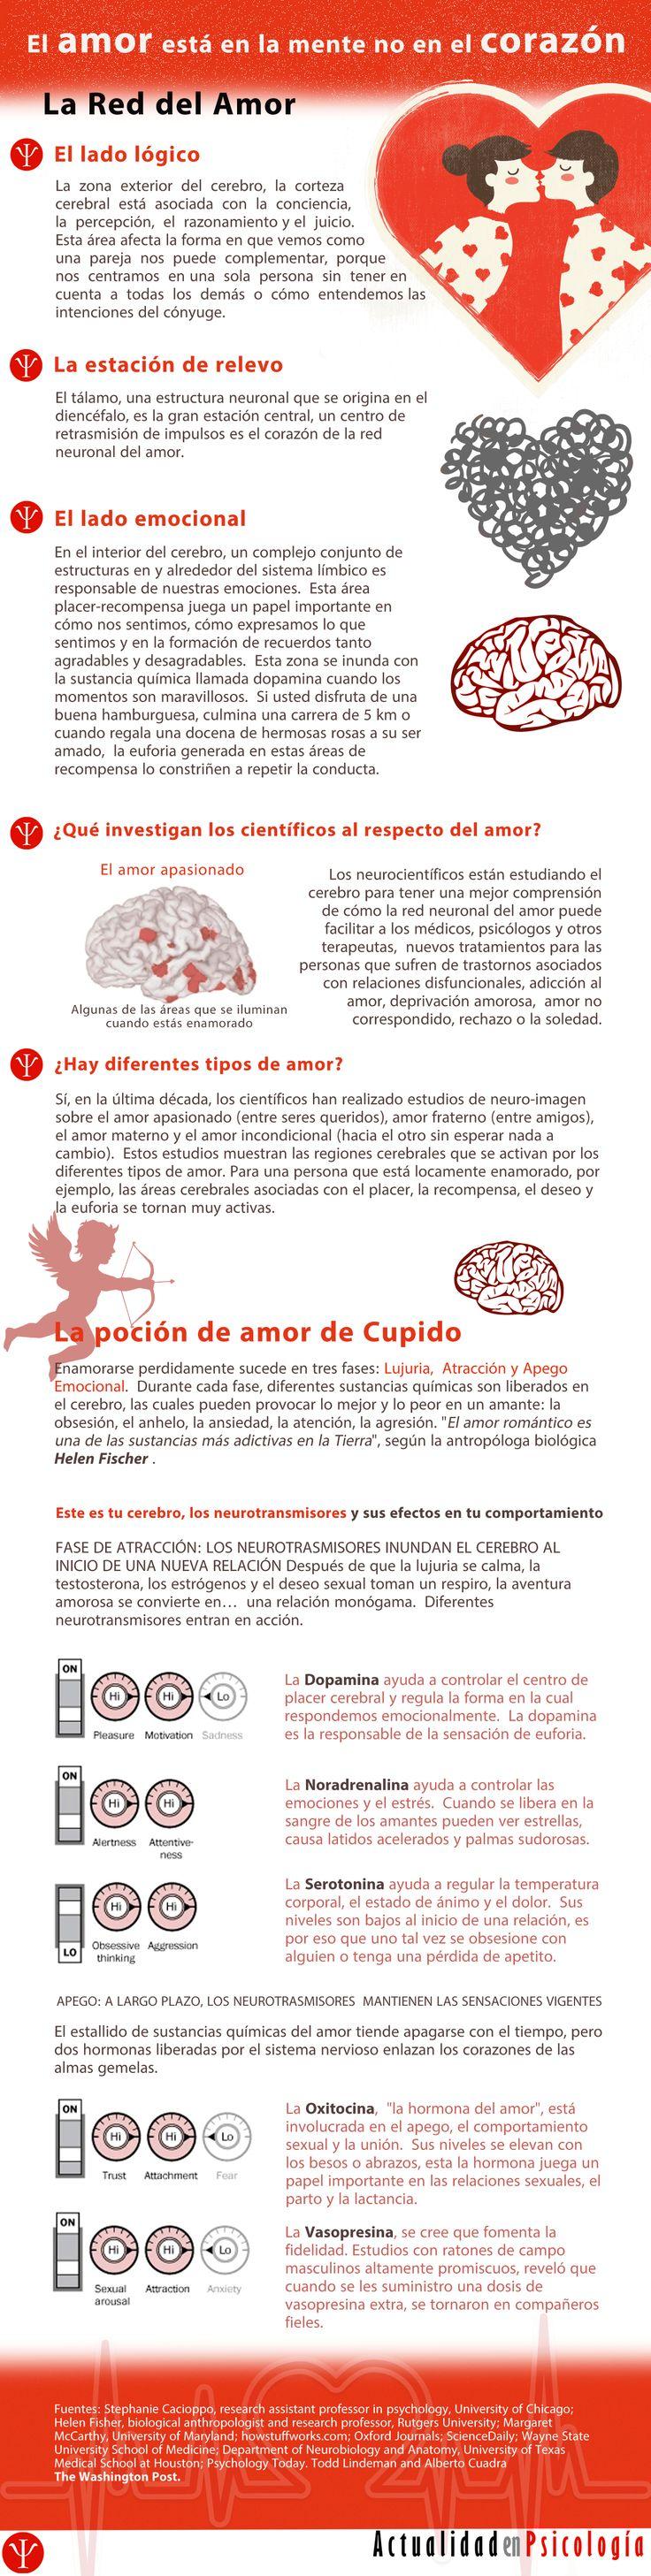 infografía: el amor está en la mente no en el corazón. responde a la pregunta ¿Qué es el amor?